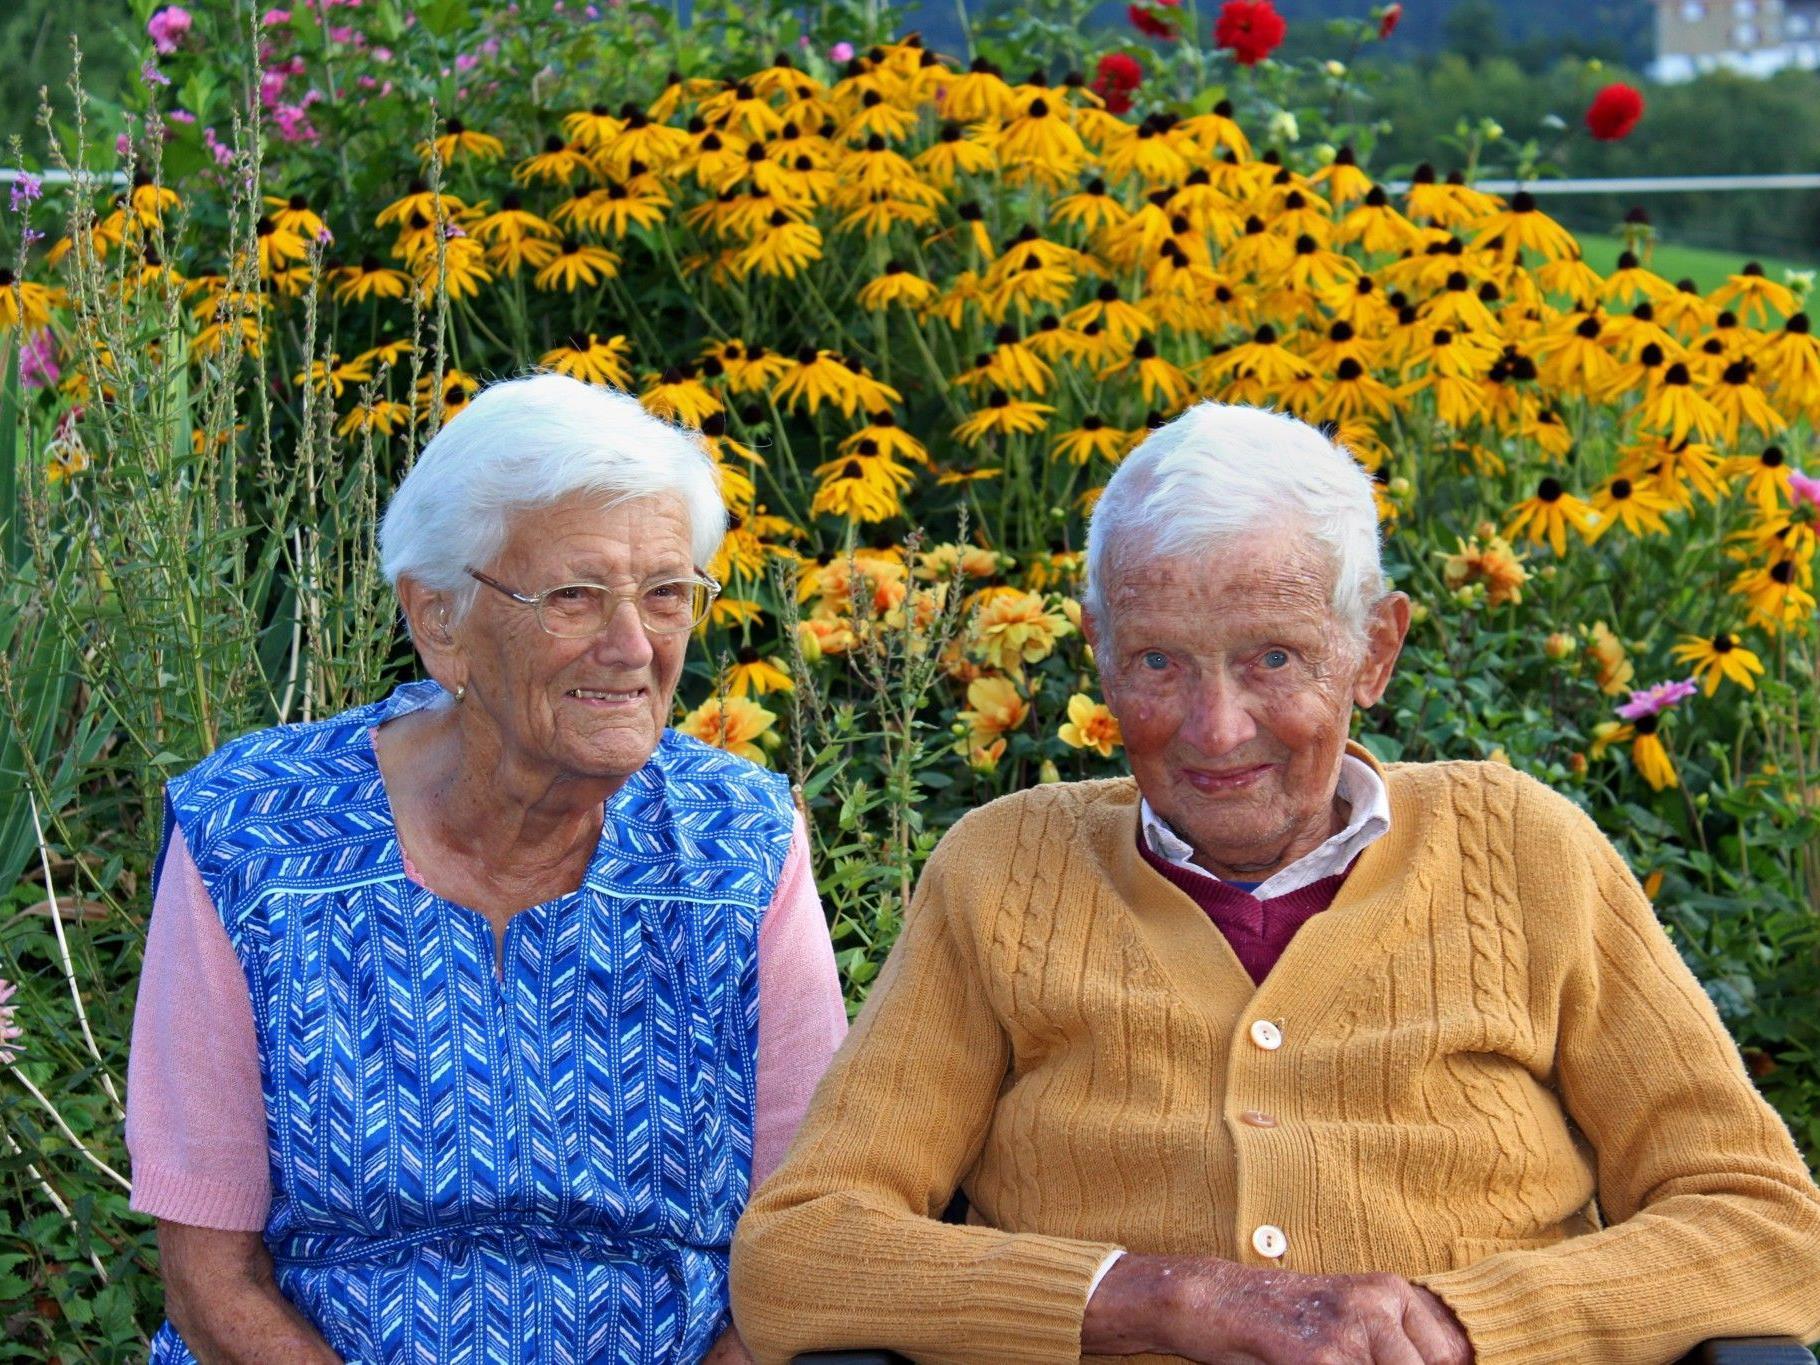 Inzwischen 89 und 93 Jahre alt wünscht sich das Jubelpaar vor allem gesund zu bleiben.